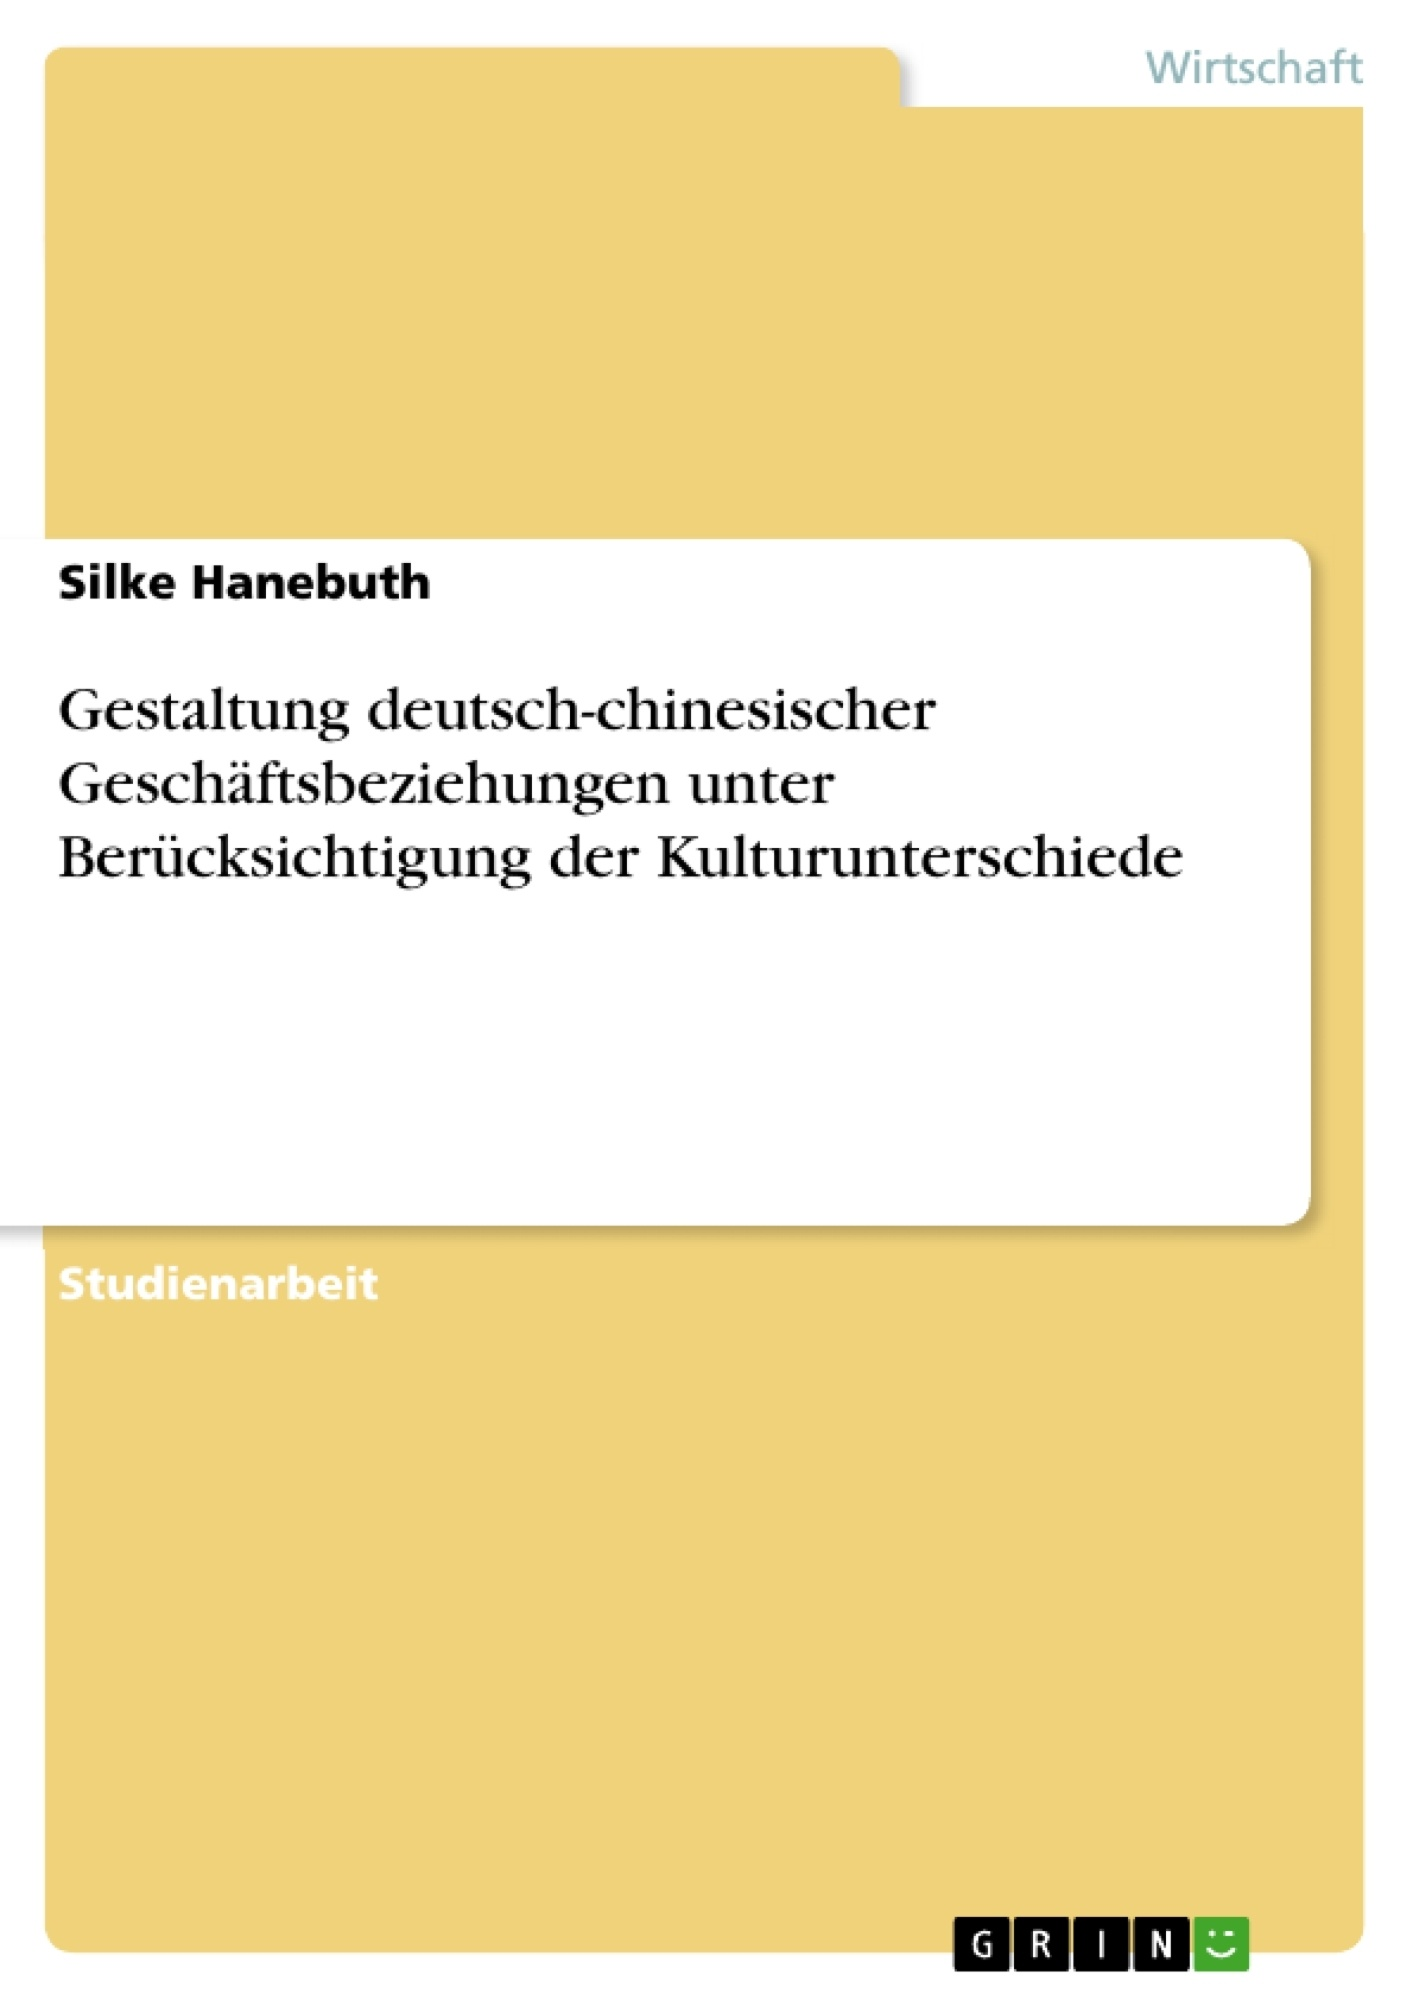 Titel: Gestaltung deutsch-chinesischer Geschäftsbeziehungen unter Berücksichtigung der Kulturunterschiede